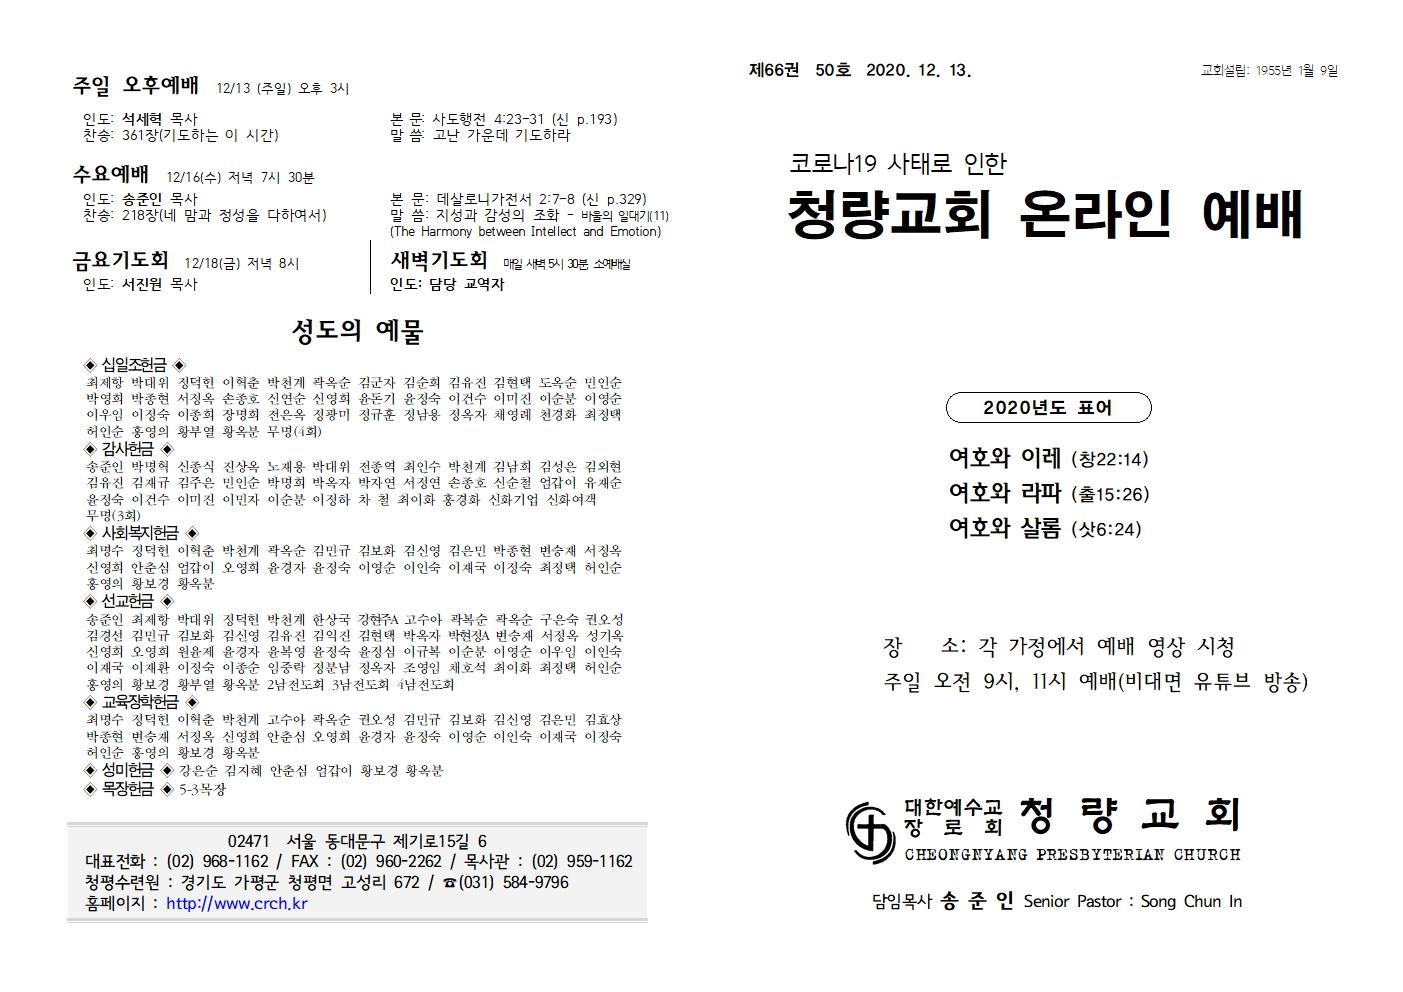 20201213(코로나특별판)001.jpg